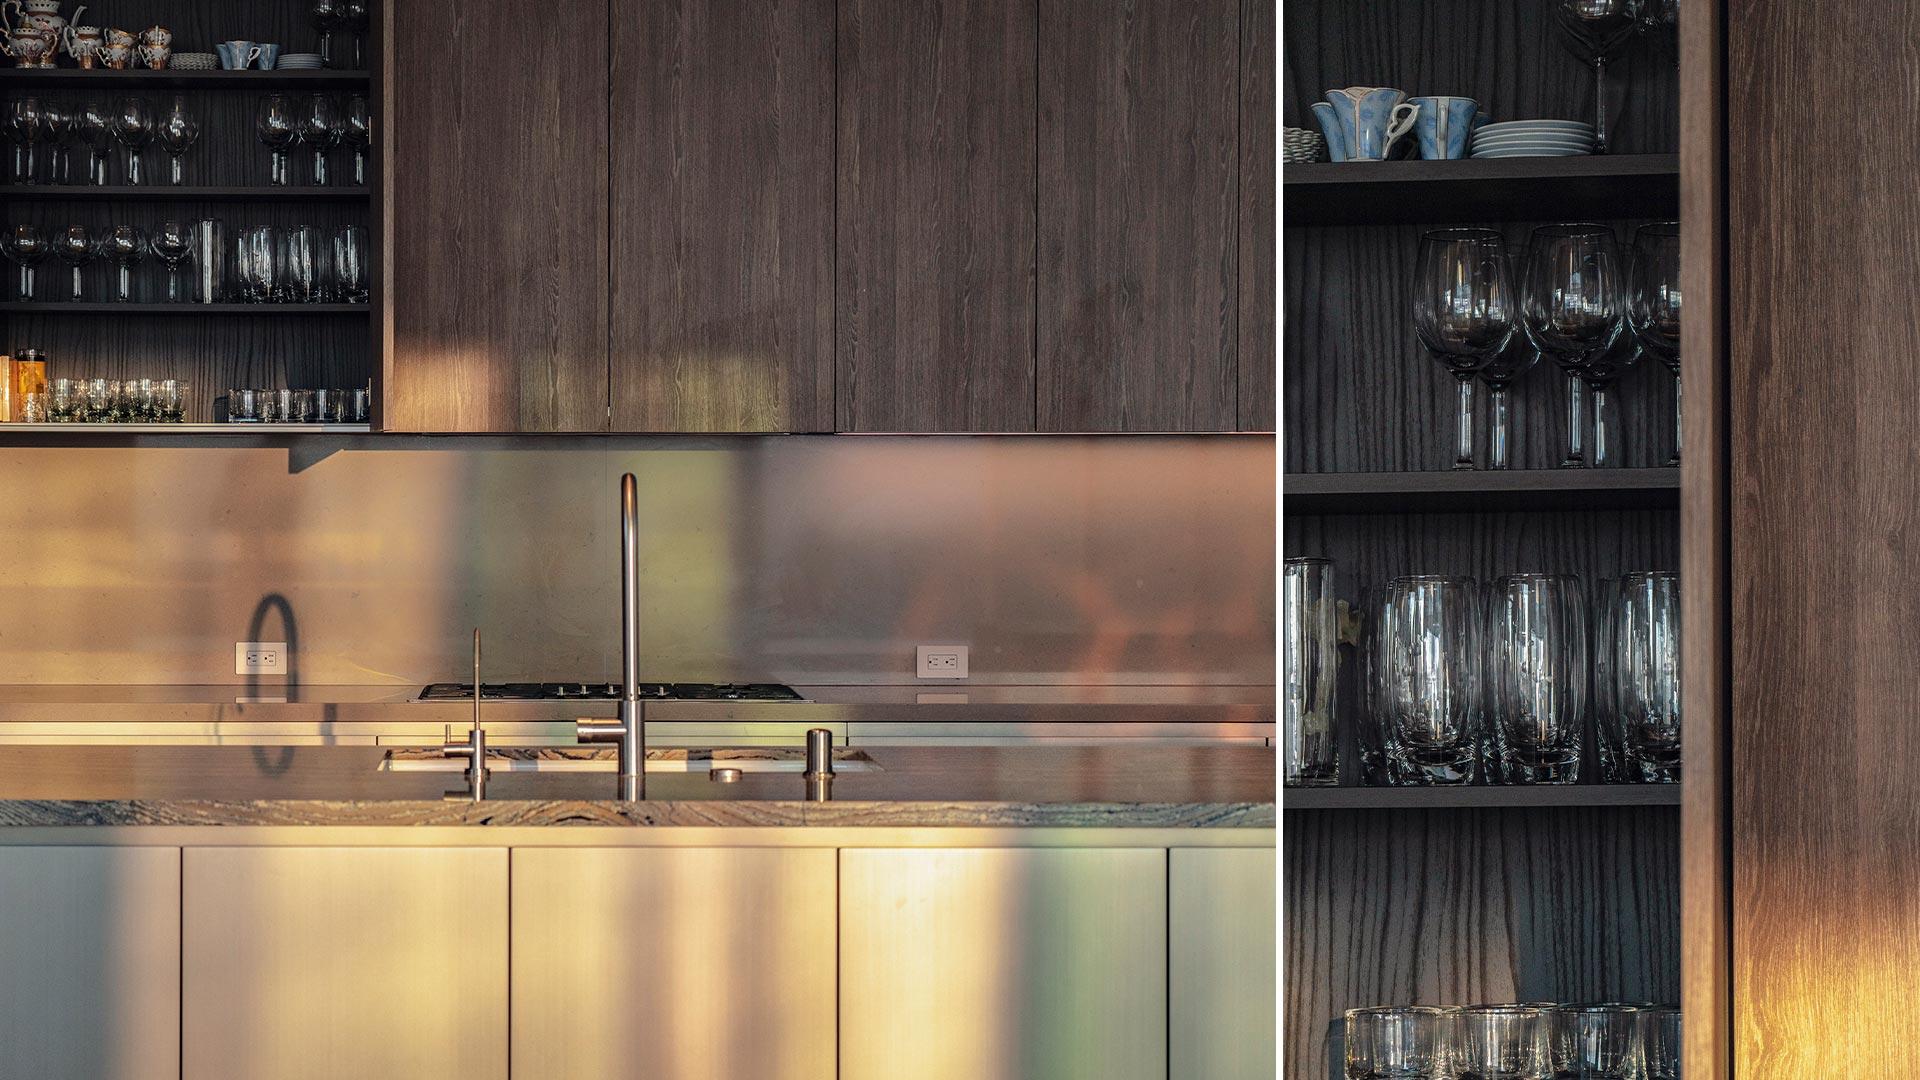 Cucina lineare su due lati con isola centrale e tavolo adiacente - 20210102_INTERIOR-A-LOS-ANGELES_contract-004